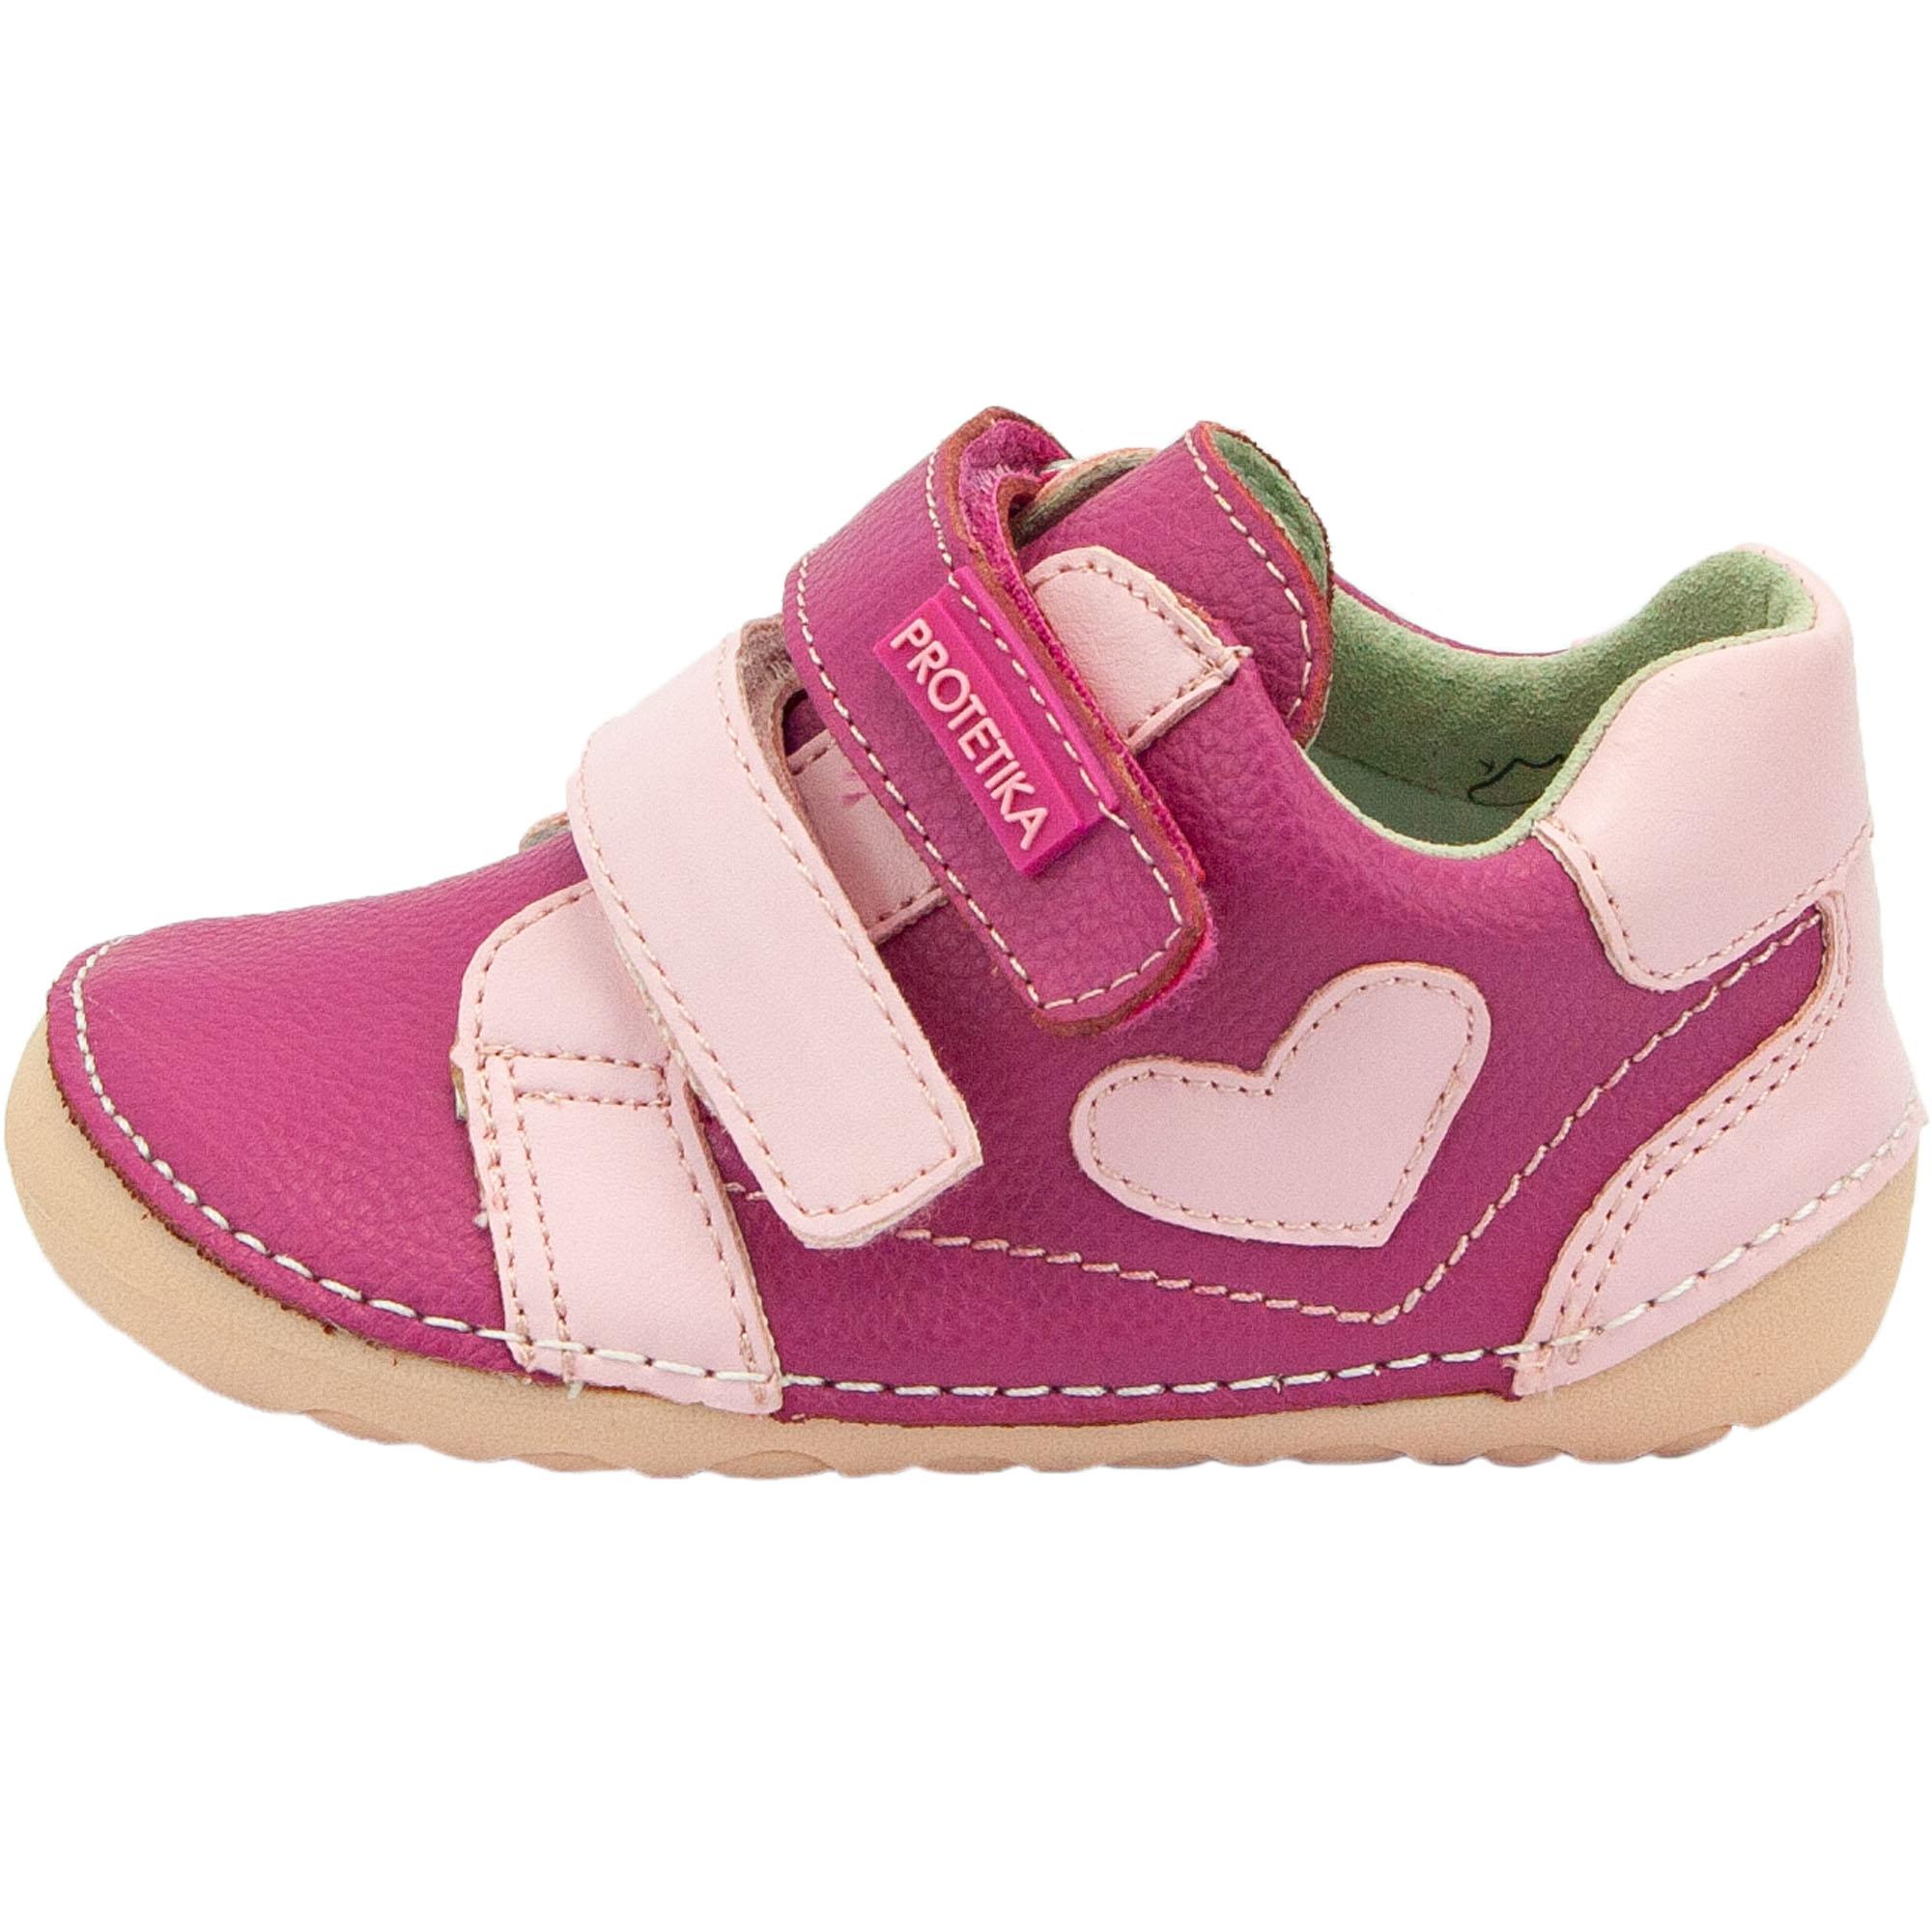 b78aef6563 Protetika celoroční dětská obuv Pony Fuxia